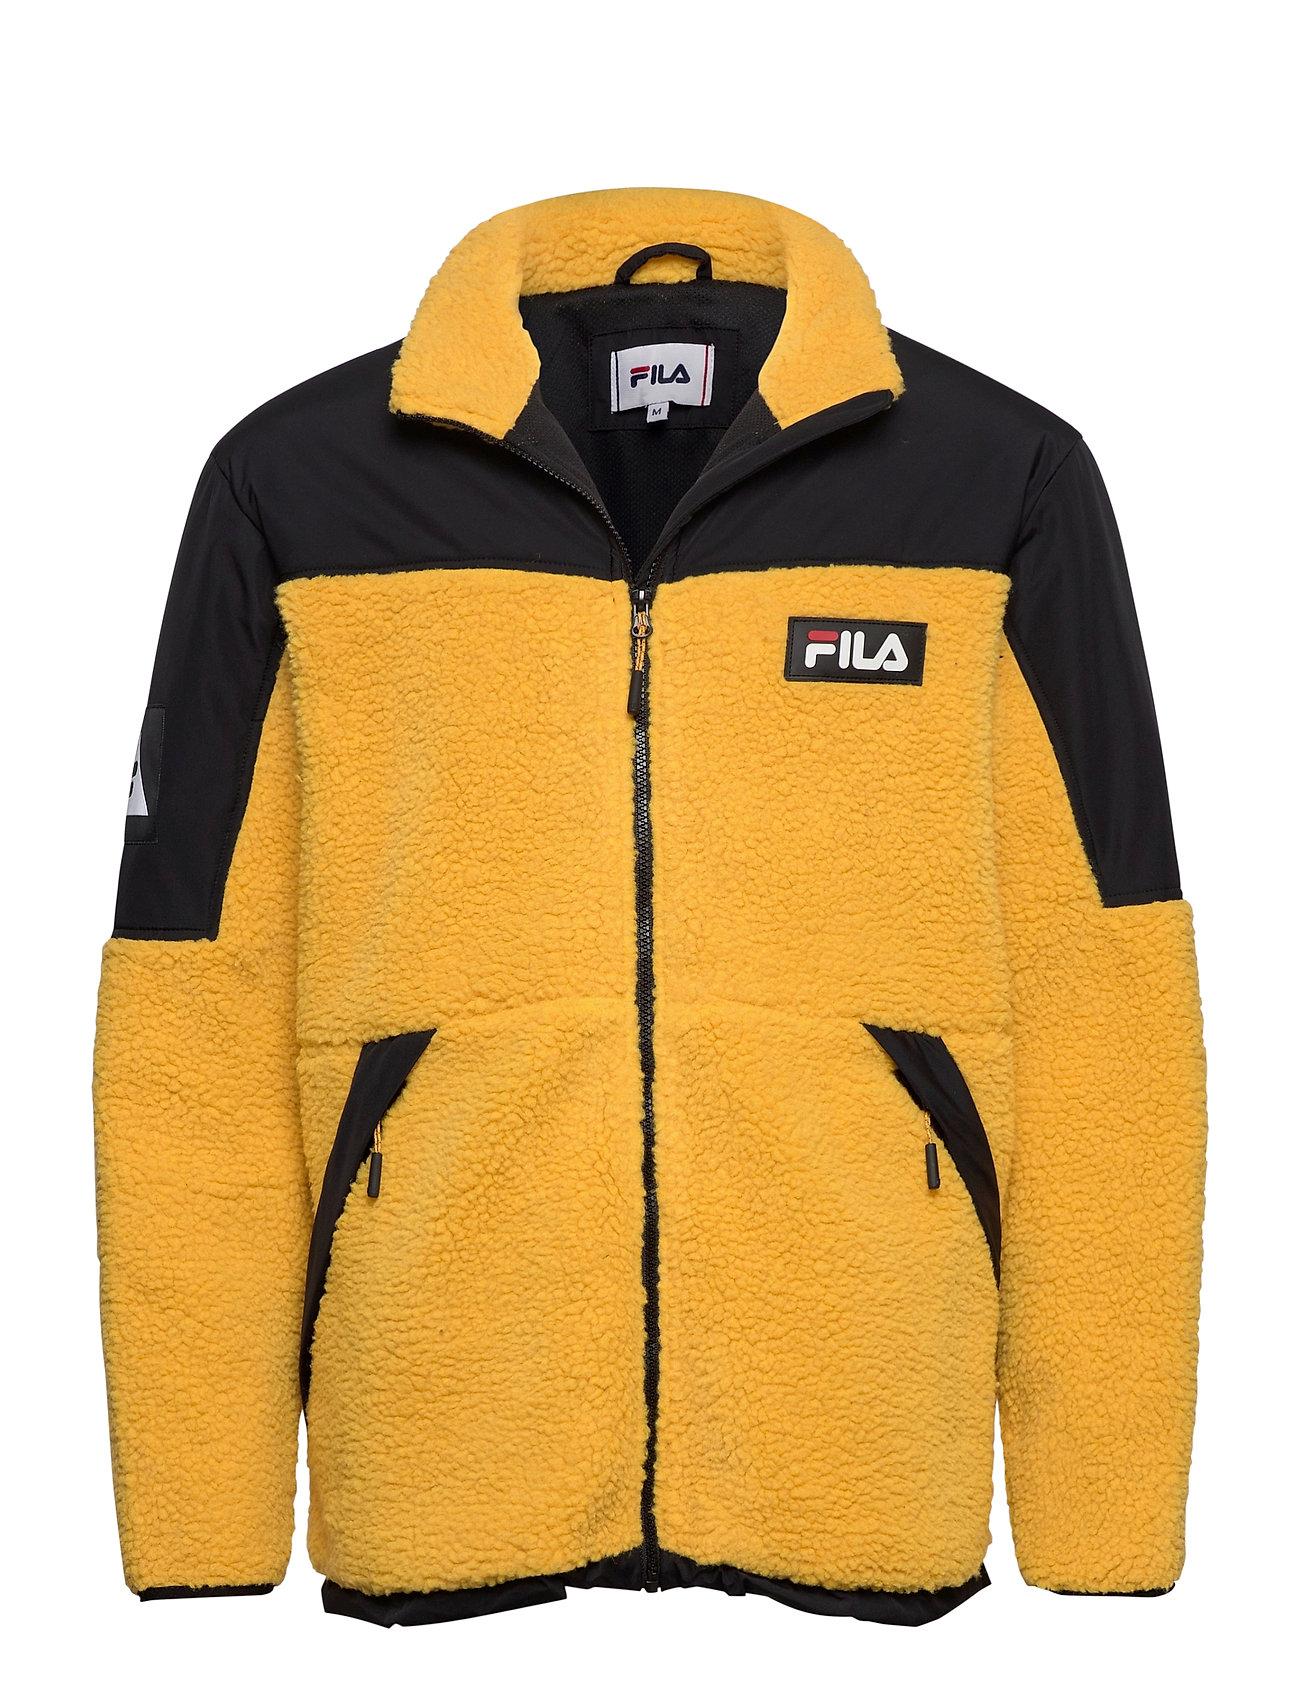 Image of Men Manolo Sherpa Fleece Jacket Sweatshirt Trøje Gul FILA (3452245301)